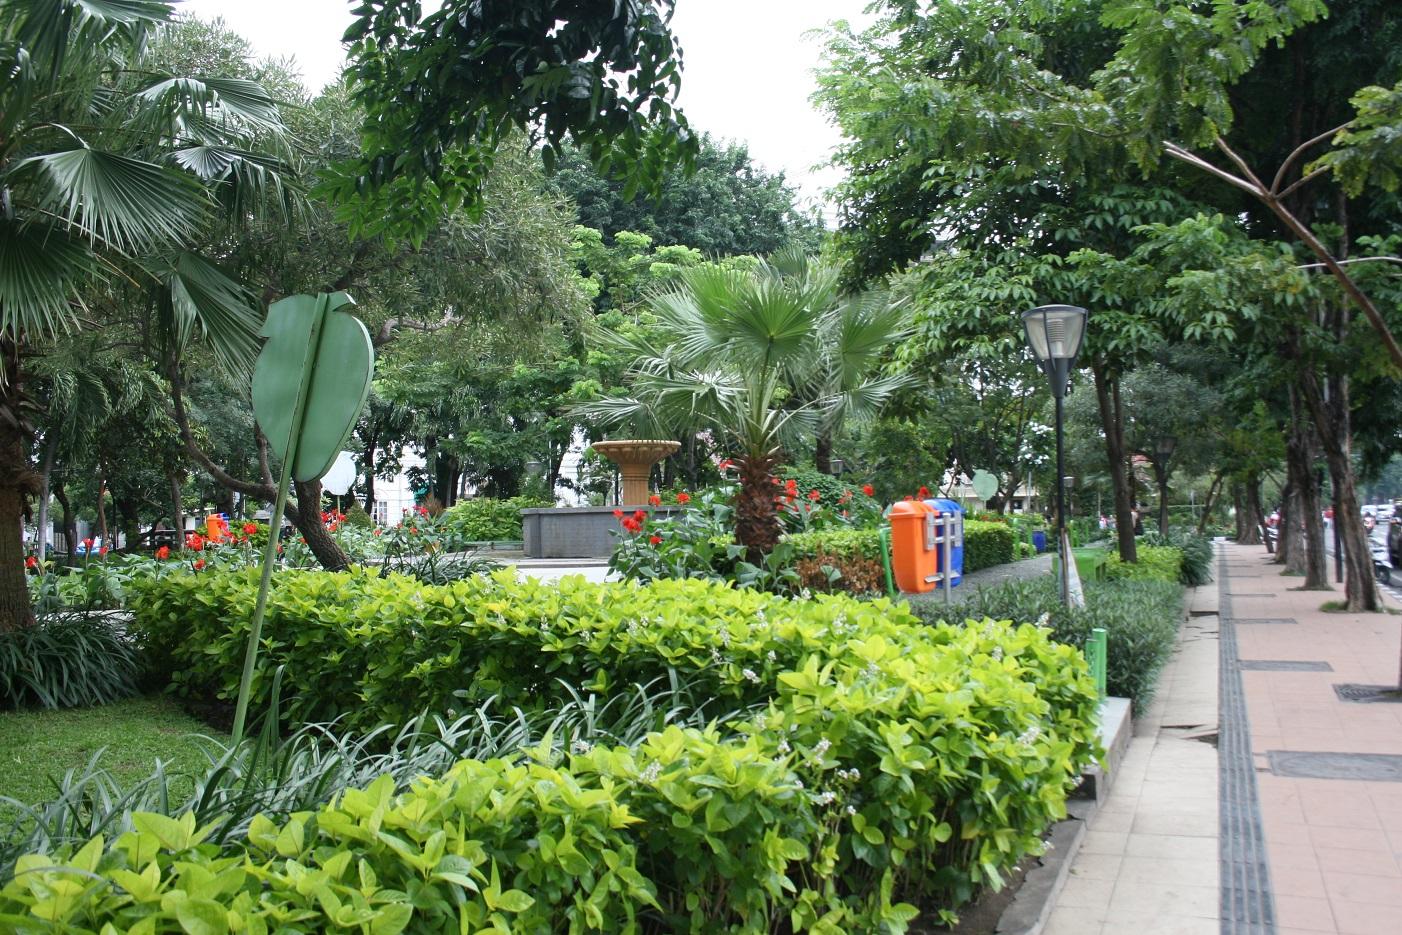 Memesrai Taman Kota Surabaya Padmagz Mundu